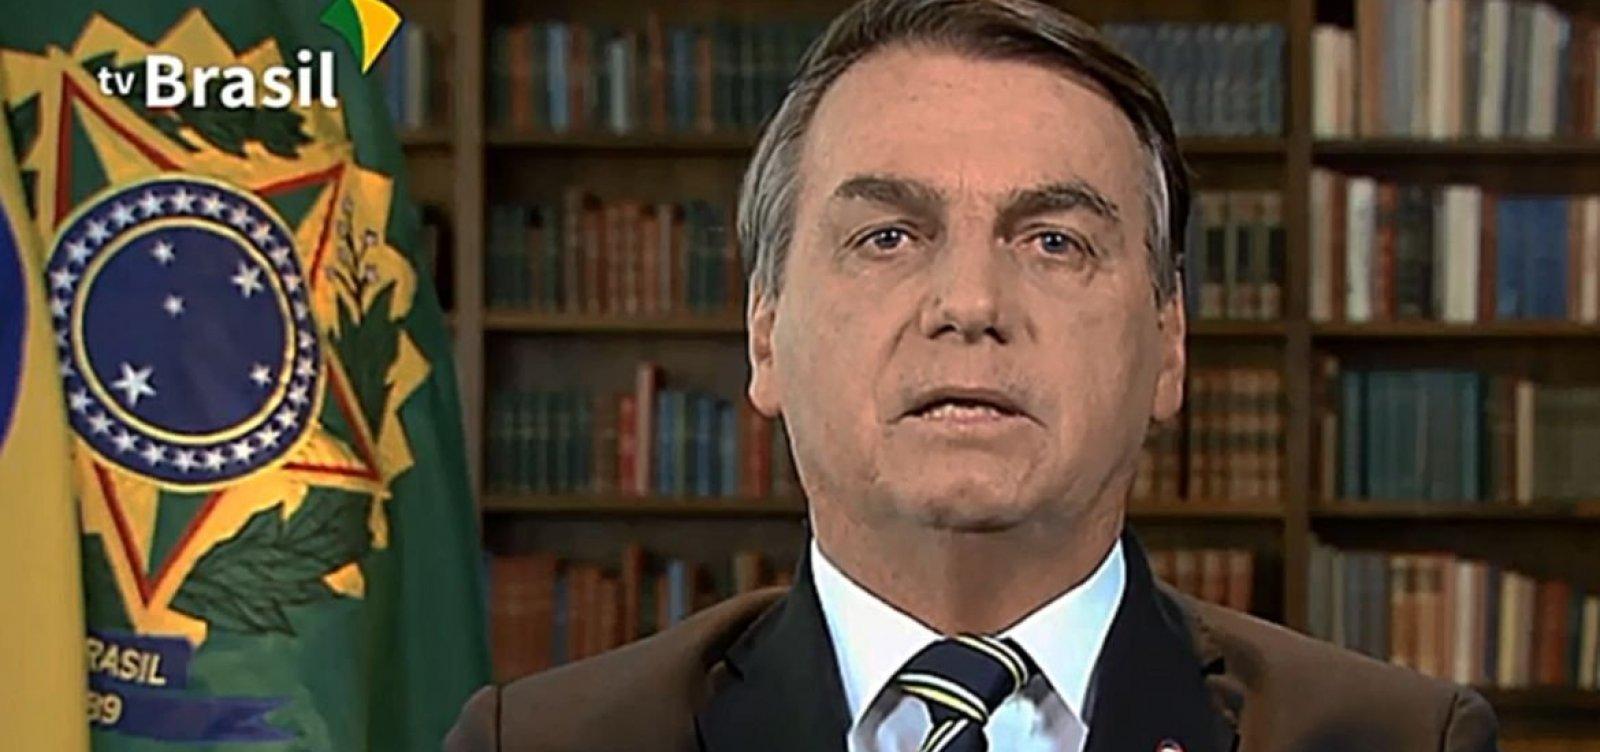 Acuado, Bolsonaro discursará na ONU sobre vacinação e meio ambiente